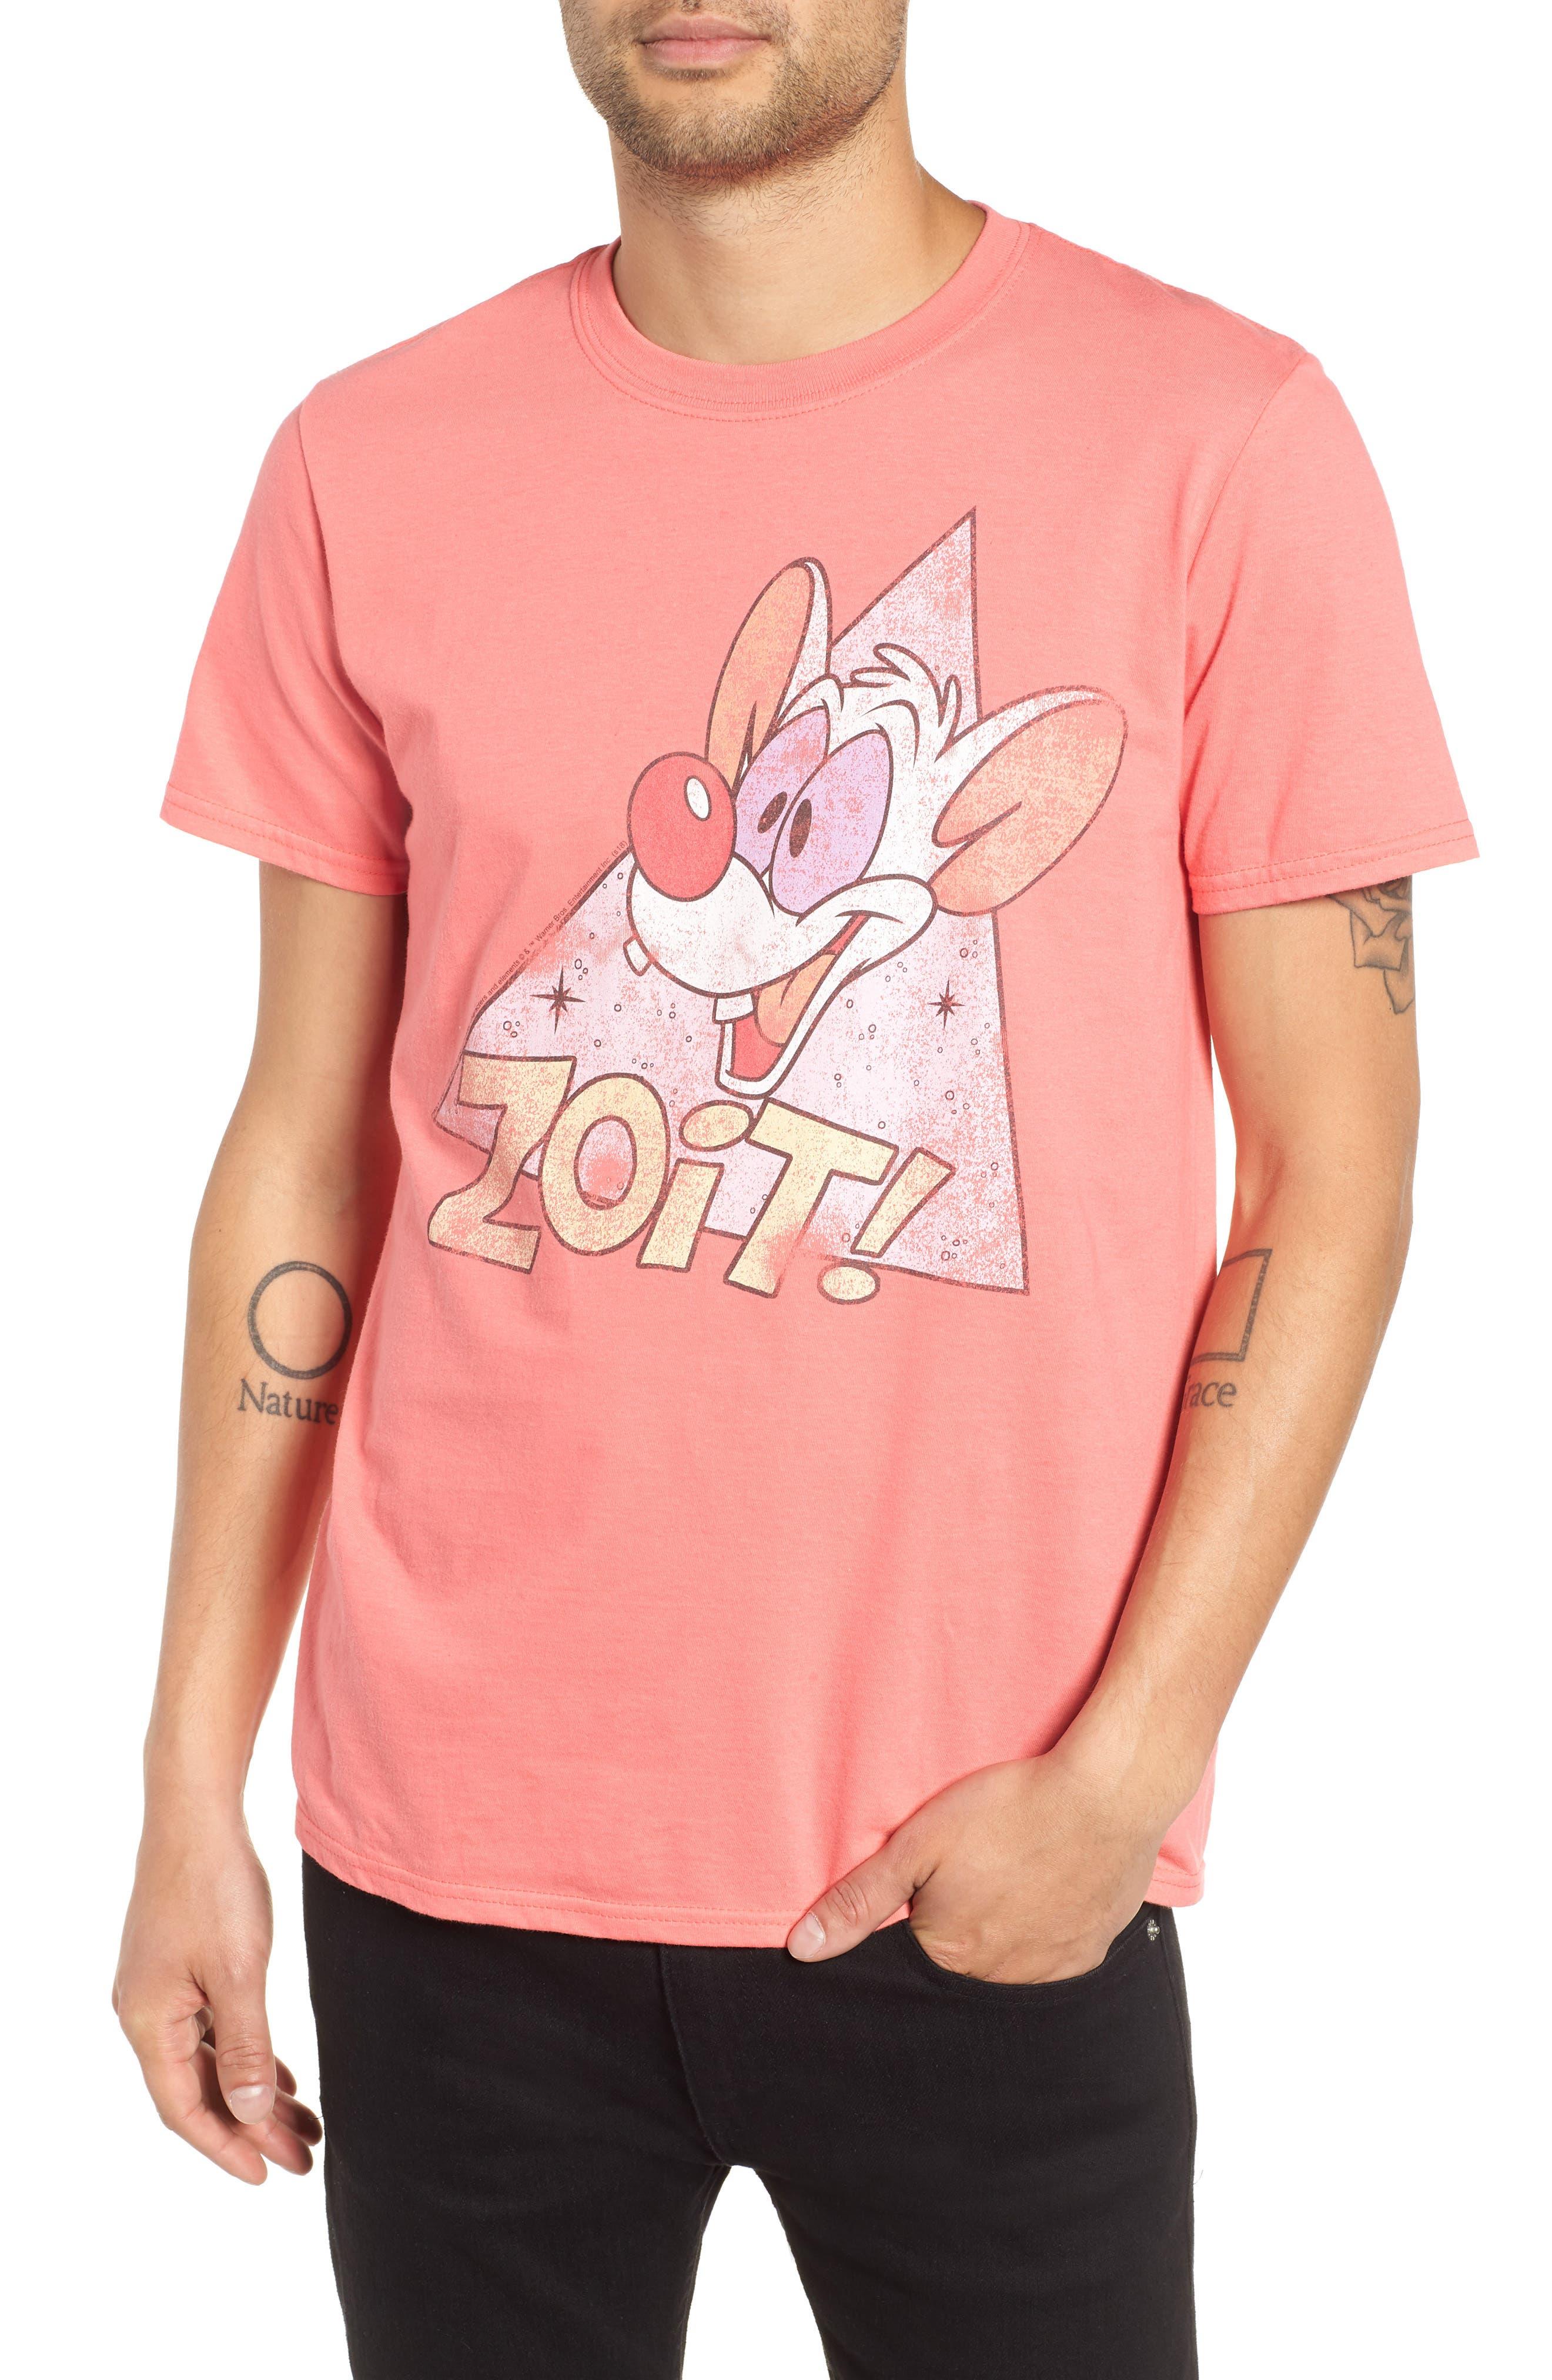 Zoit Graphic T-Shirt,                             Main thumbnail 1, color,                             CORAL ZOIT